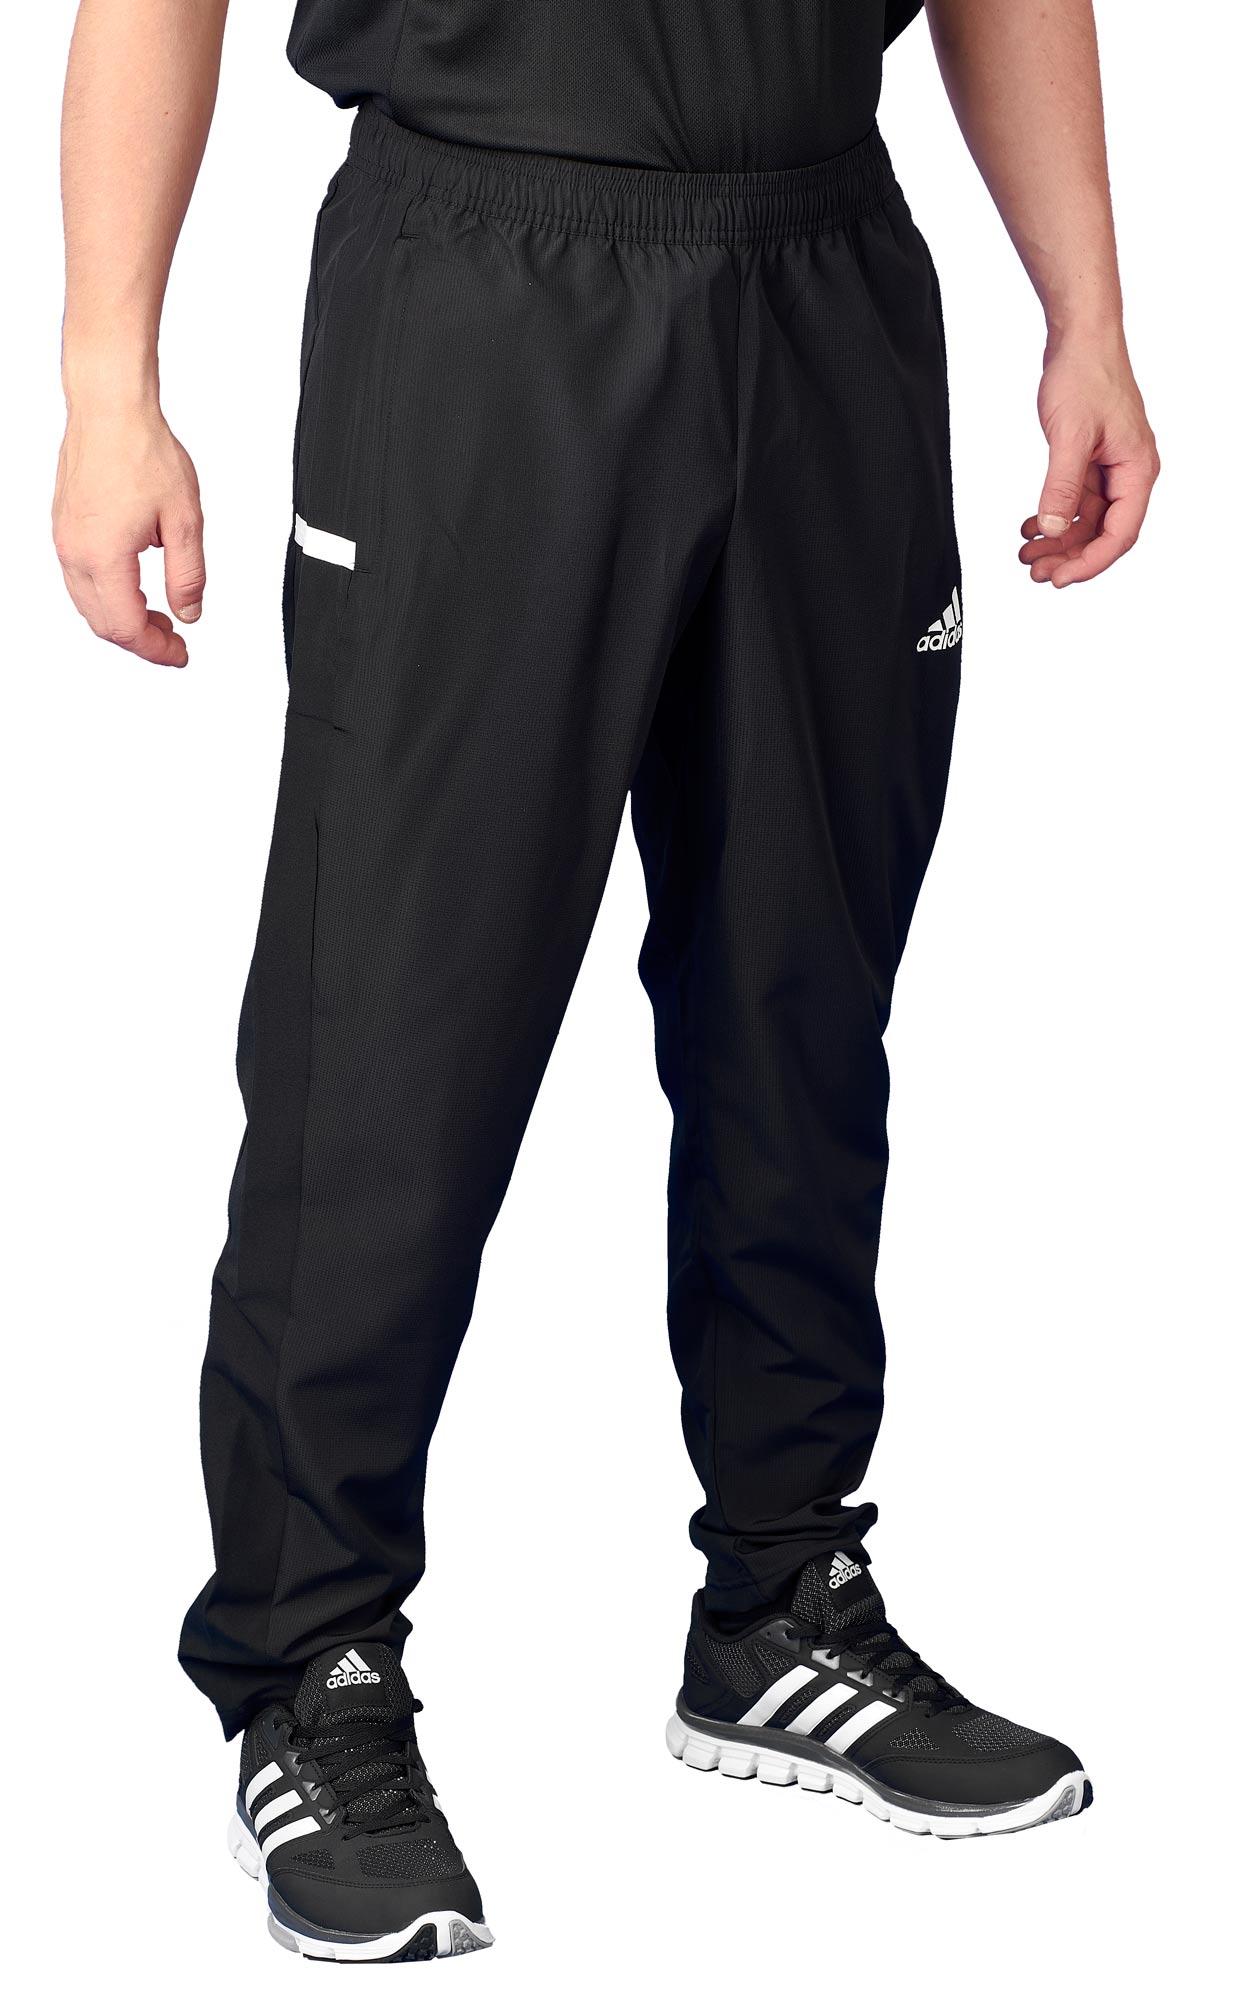 3208a971b3b260 ... DW6869 · Vorschau  adidas T19 Woven Pants Männer schwarz weiß